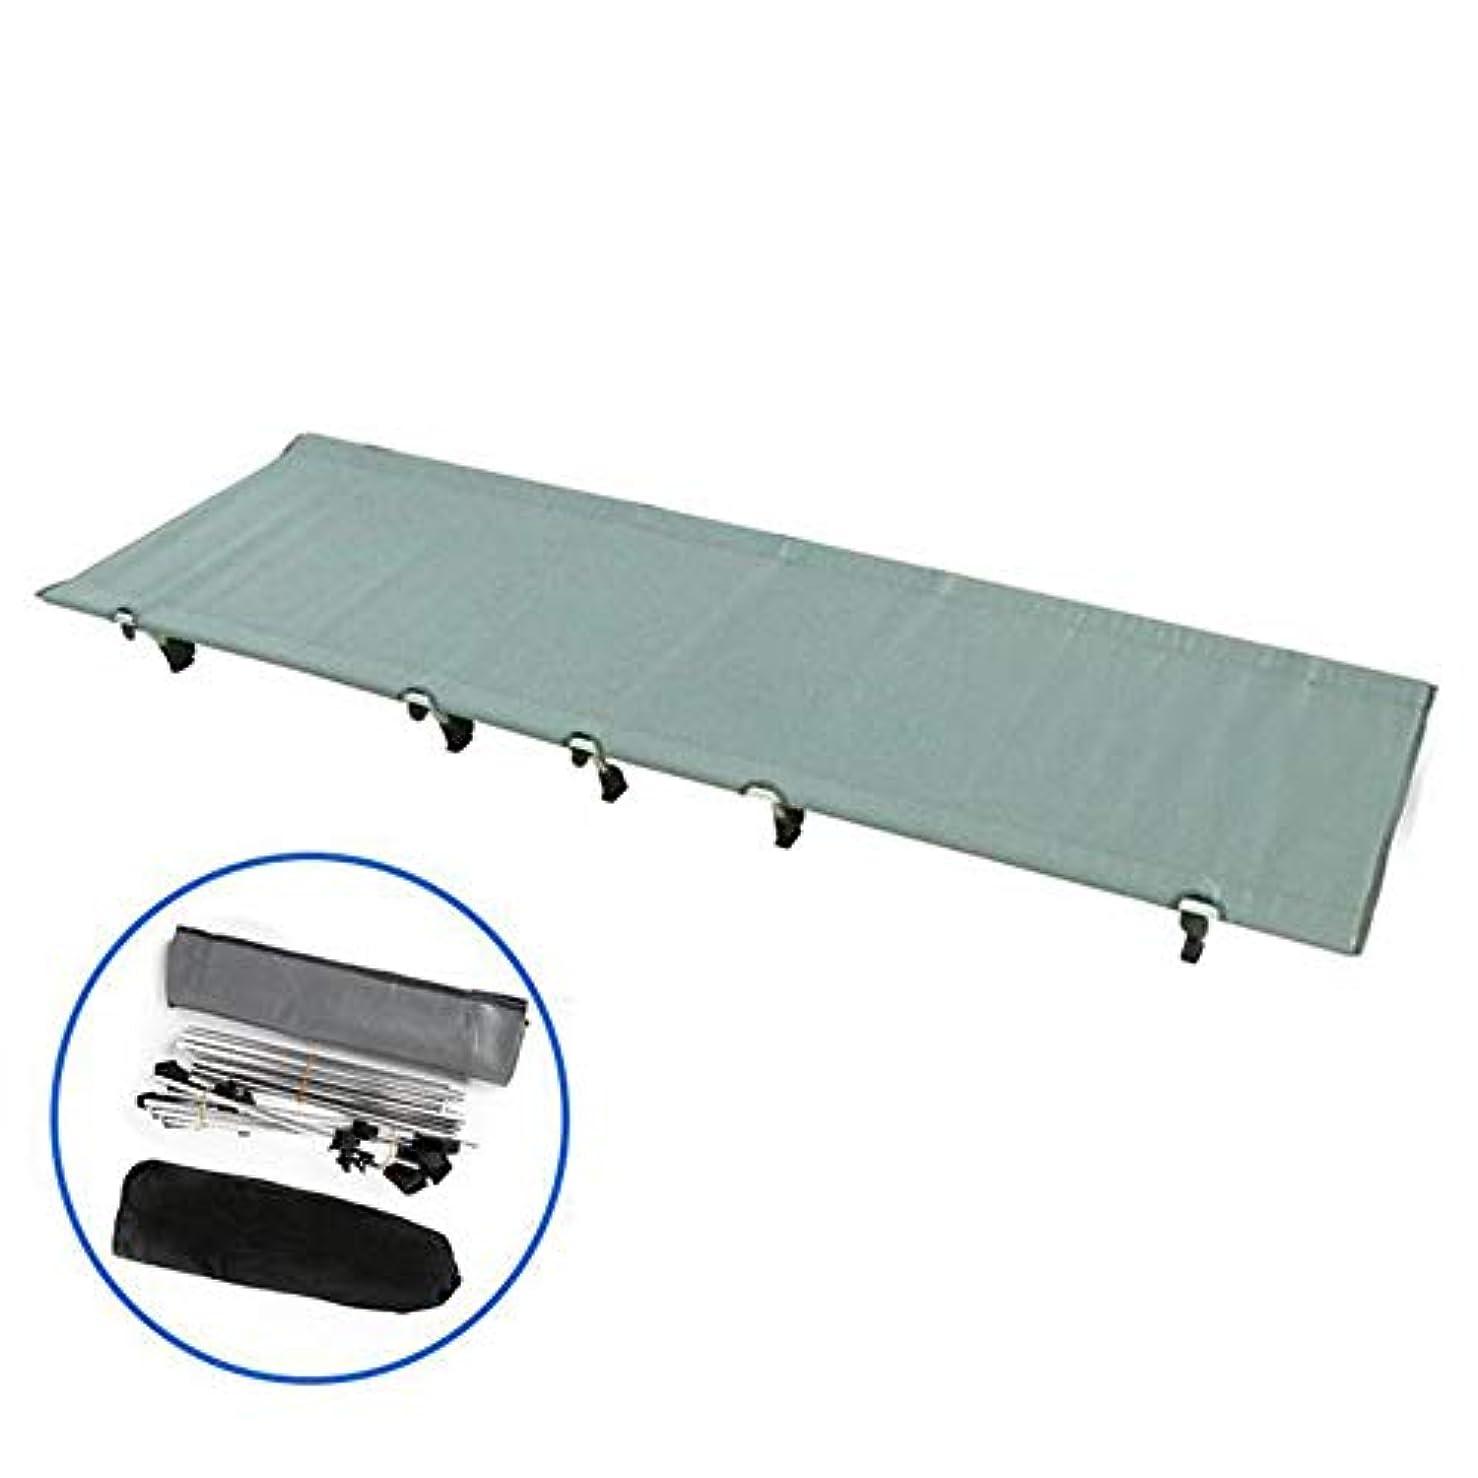 レガシー毒液病的キャンプハイキングビーチに適した屋外折りたたみベッド折りたたみ式ポータブルシングルキャンプベッド